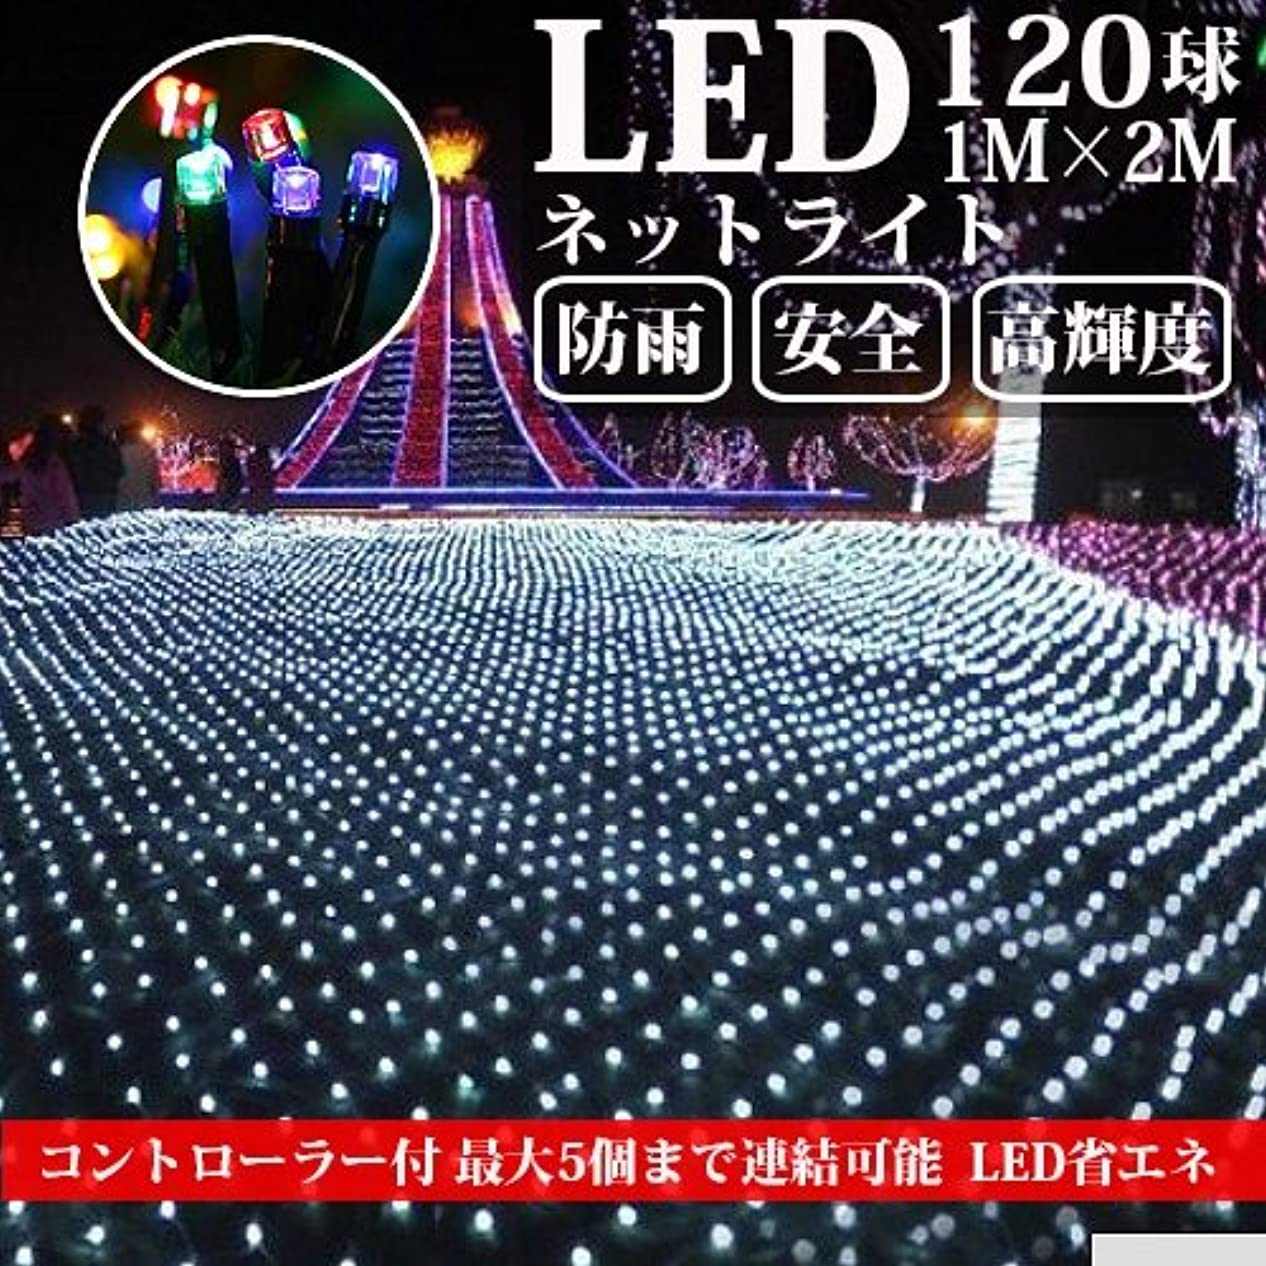 ボーカル病なメタンLEDネットライト 120球 1M×2M コード直径1.6mm 5本まで連結可能 イルミネーション クリスマス 防雨型屋外使用可能 (ブラックコード, 4色ミックス(赤、緑、青、黄色))